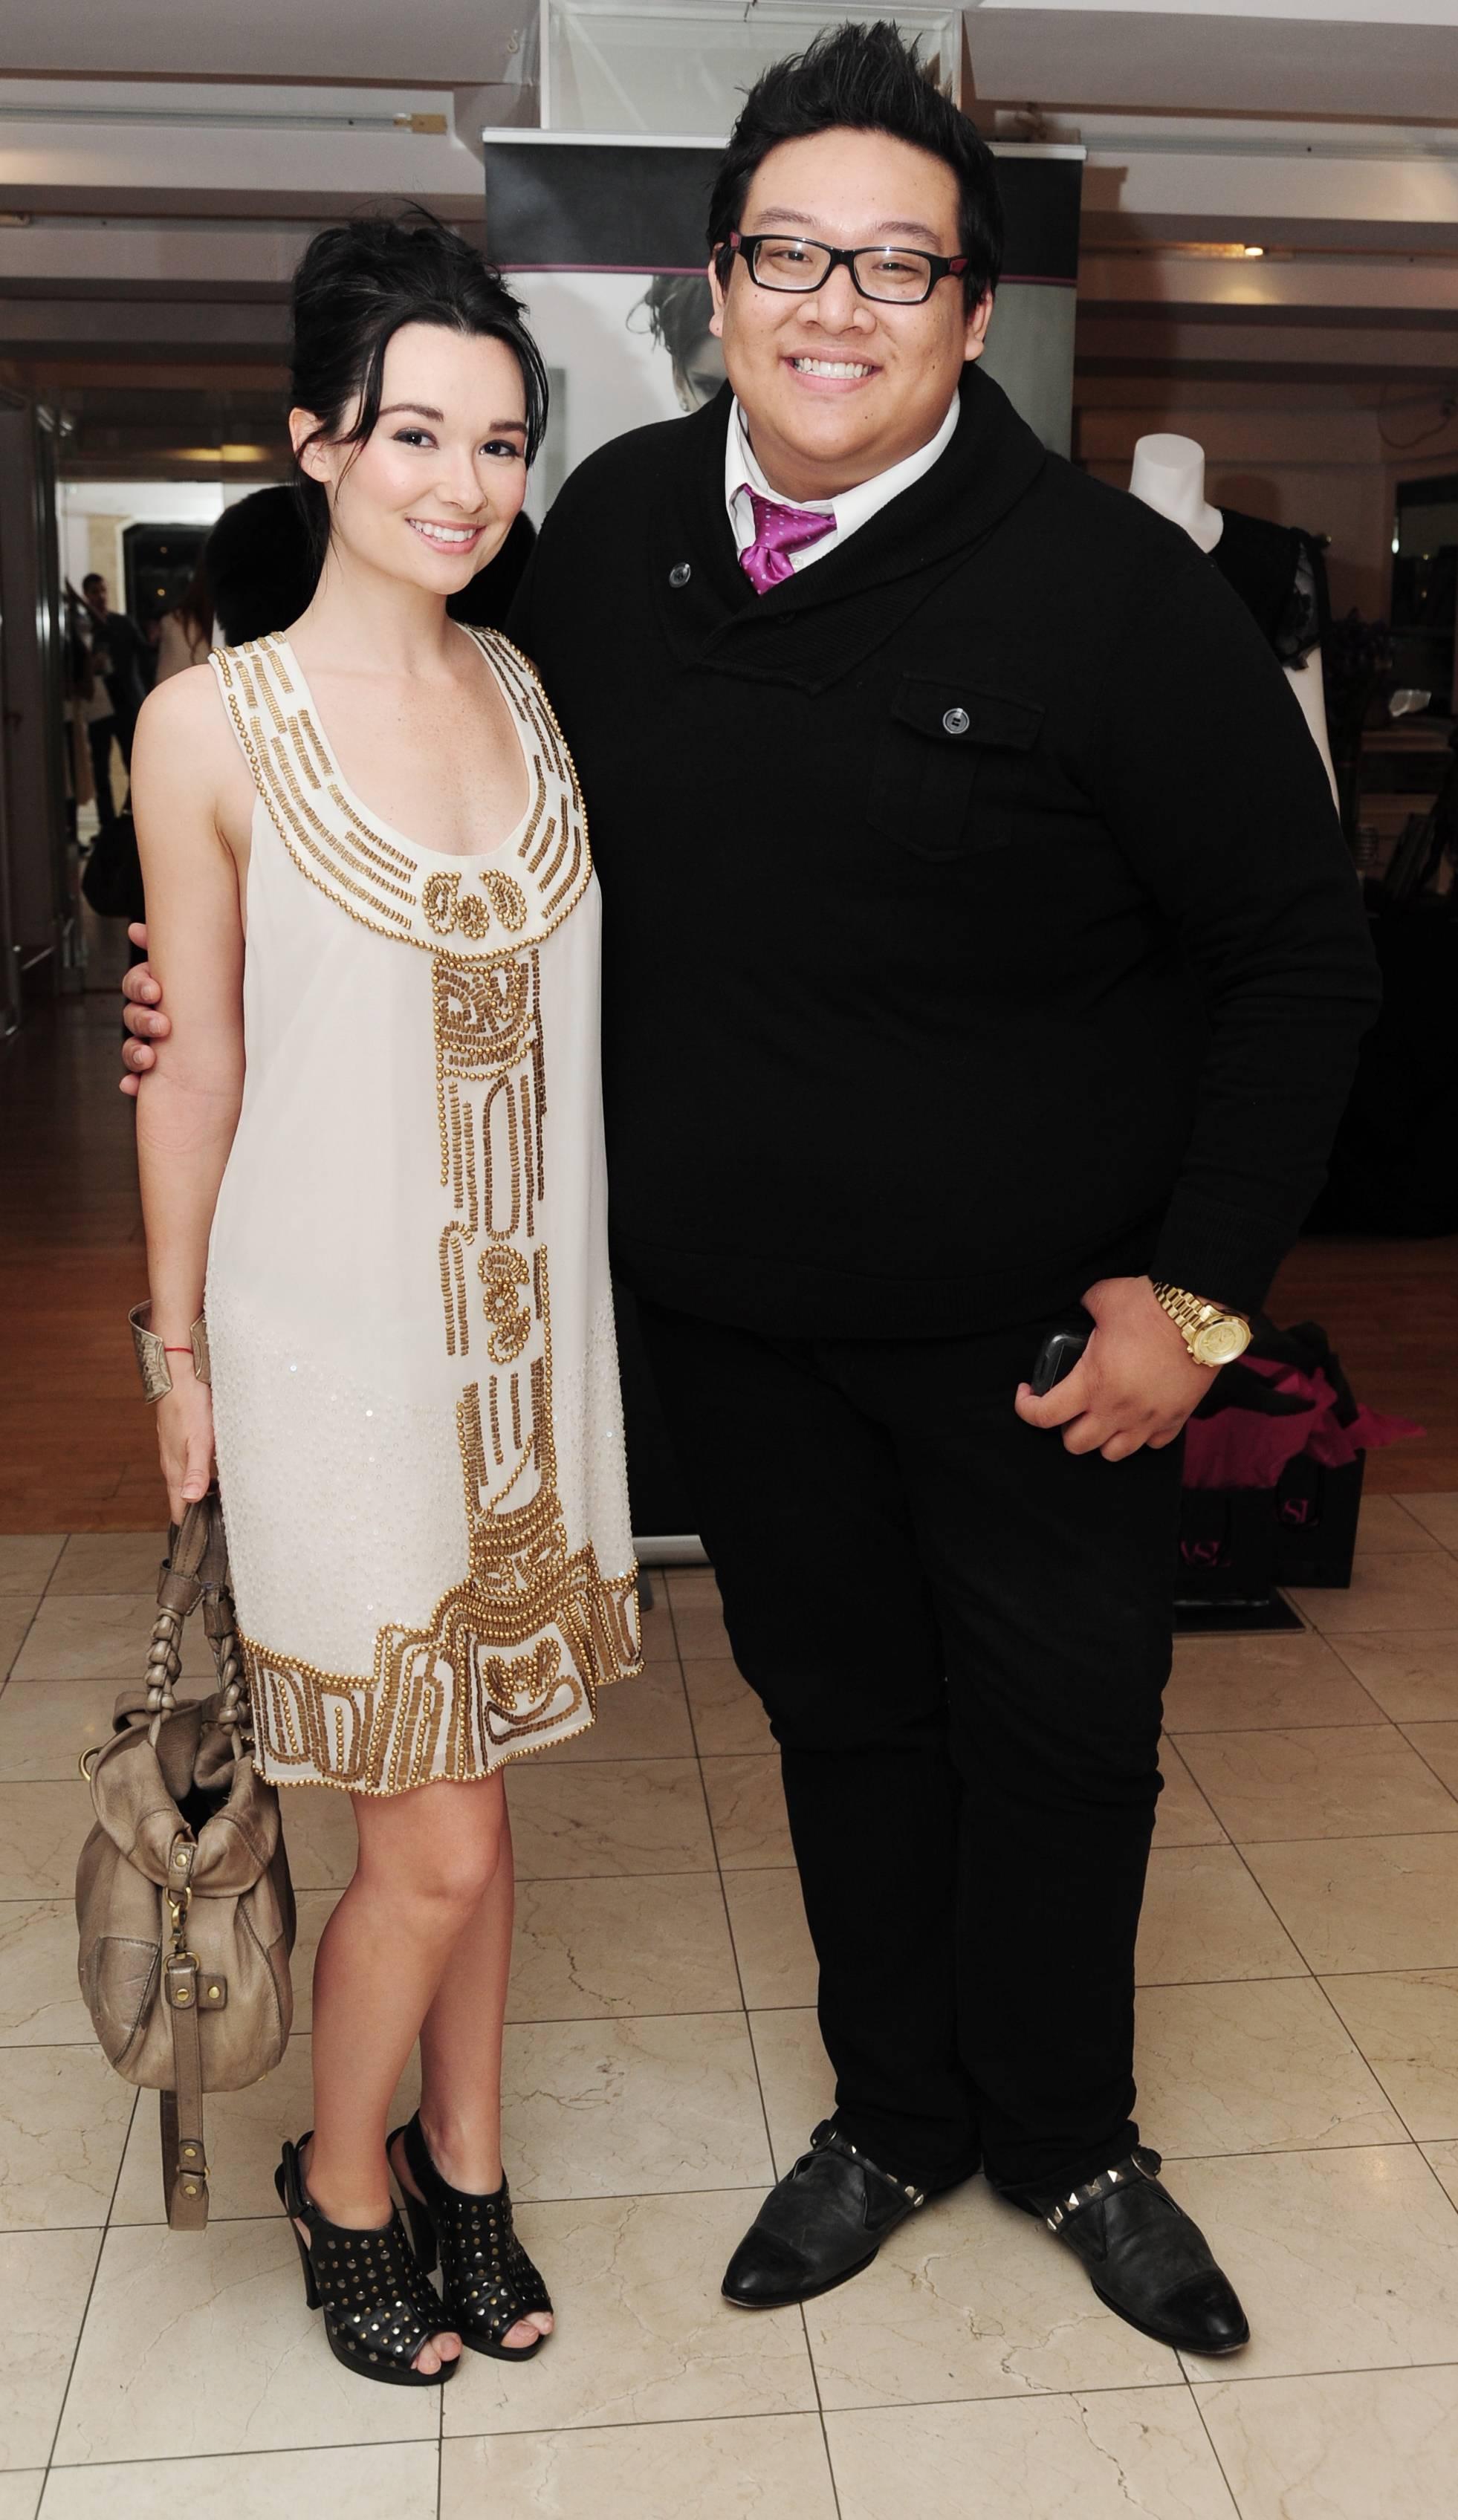 Kristen Ruhlin & Daniel Nguyen from new movie 'She Wants Me'